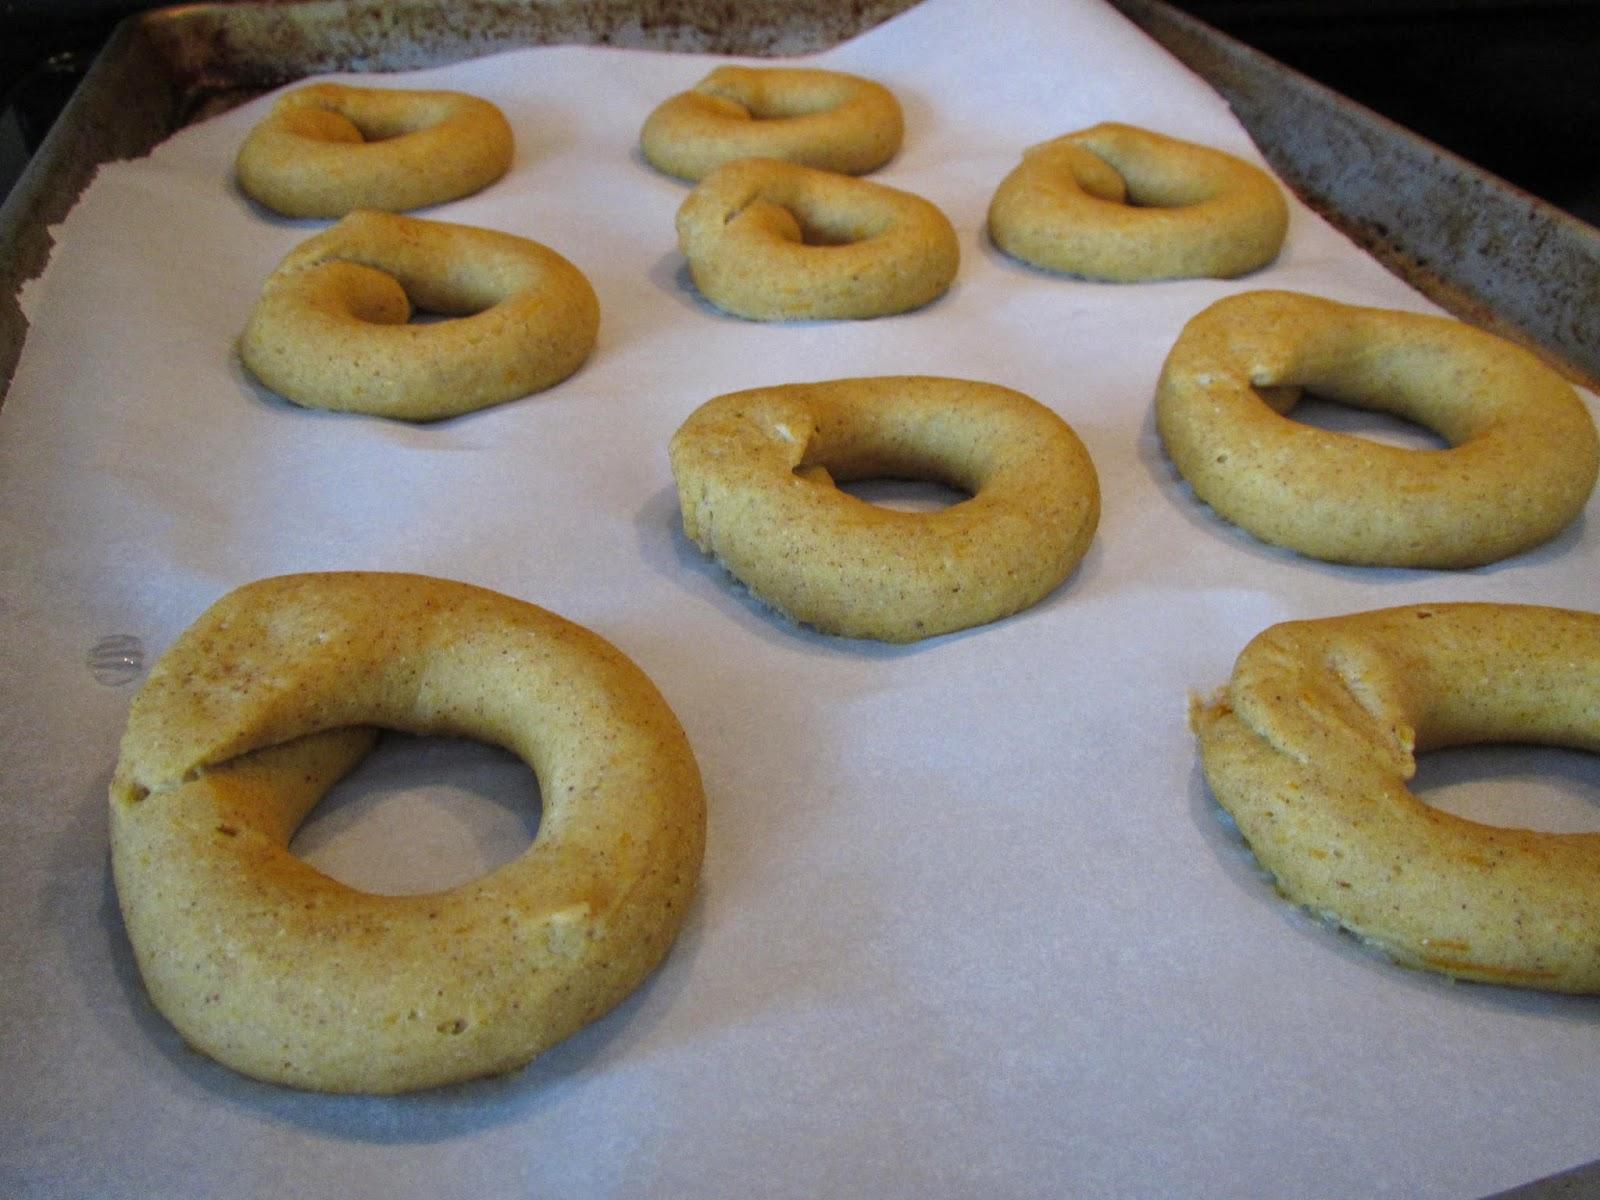 Gluten Free Pumpkin Bagels after rising